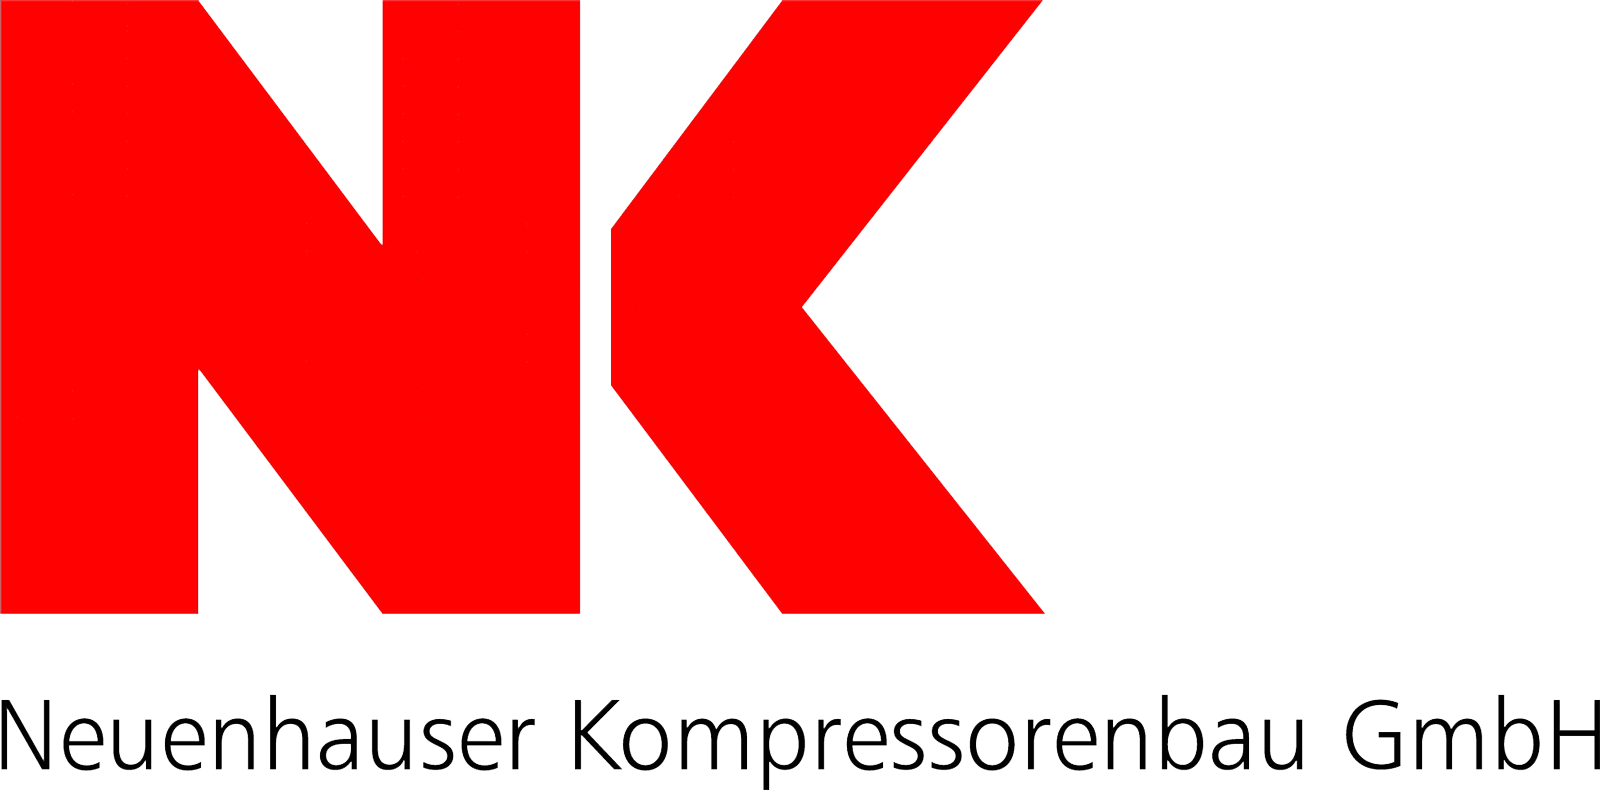 Neuenhauser Kompressorbau GmbH